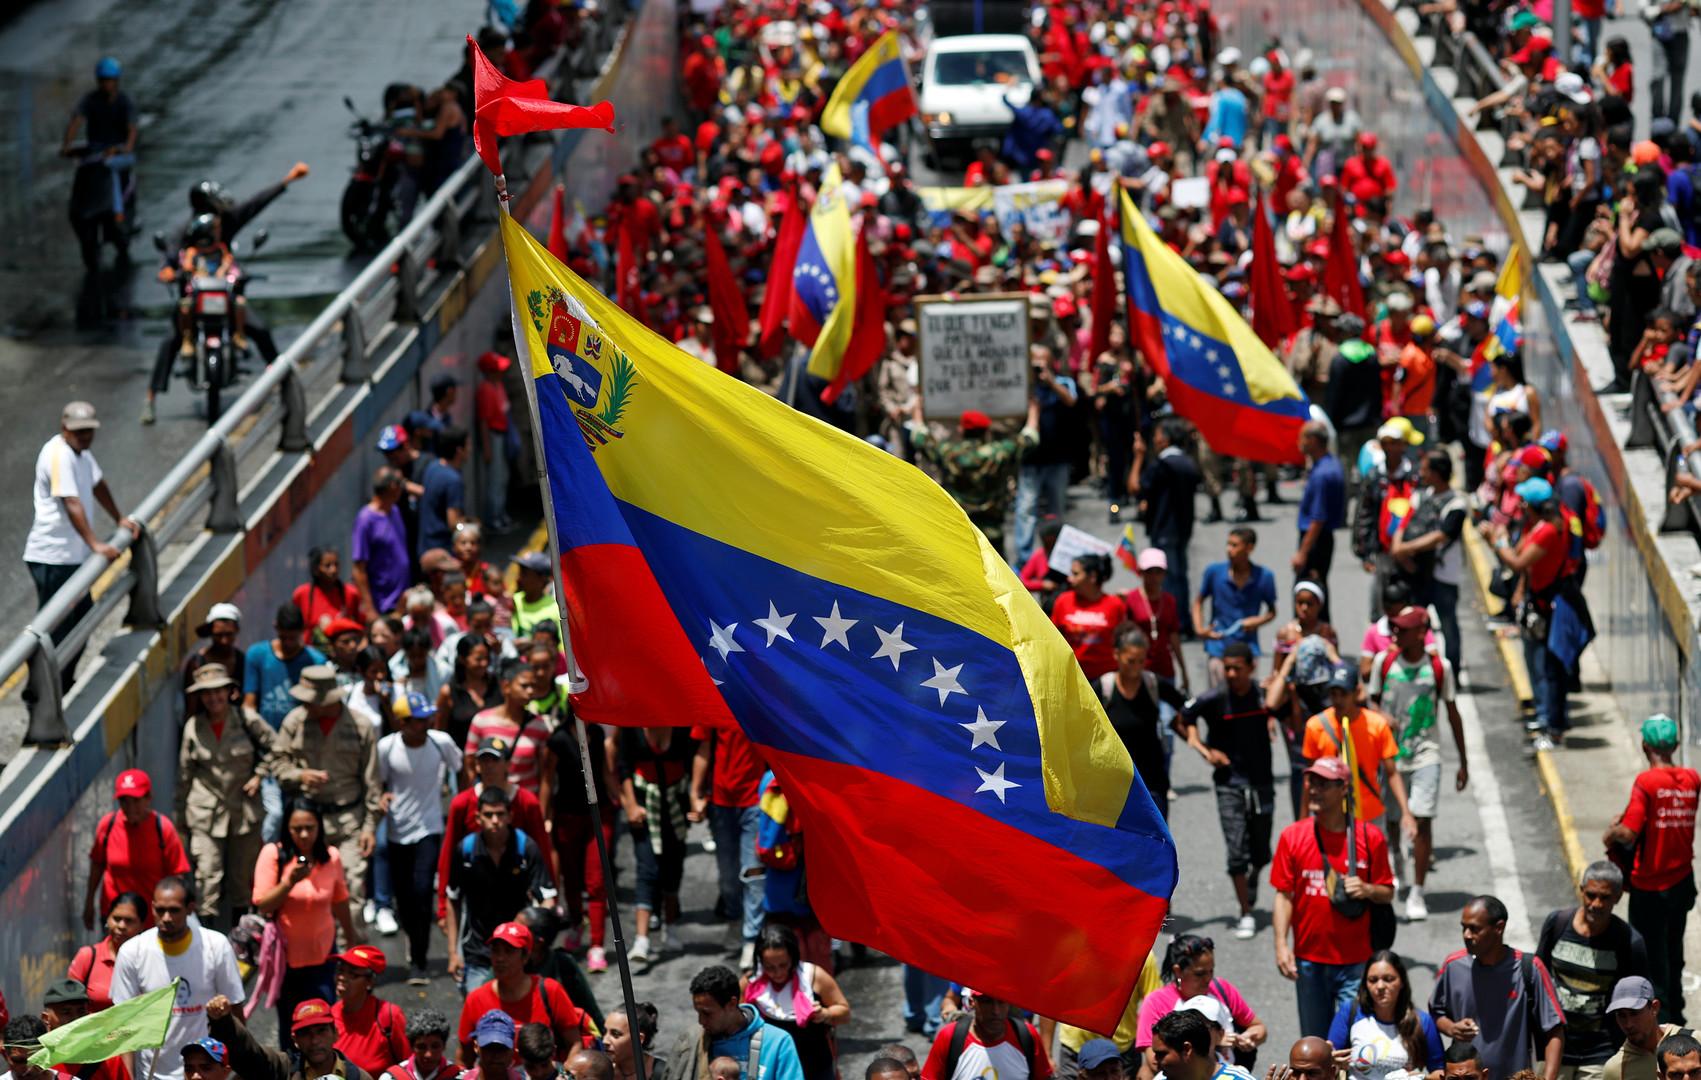 آلاف من أنصار مادورو يتظاهرون ضد المفوّضة السامية لحقوق الإنسان